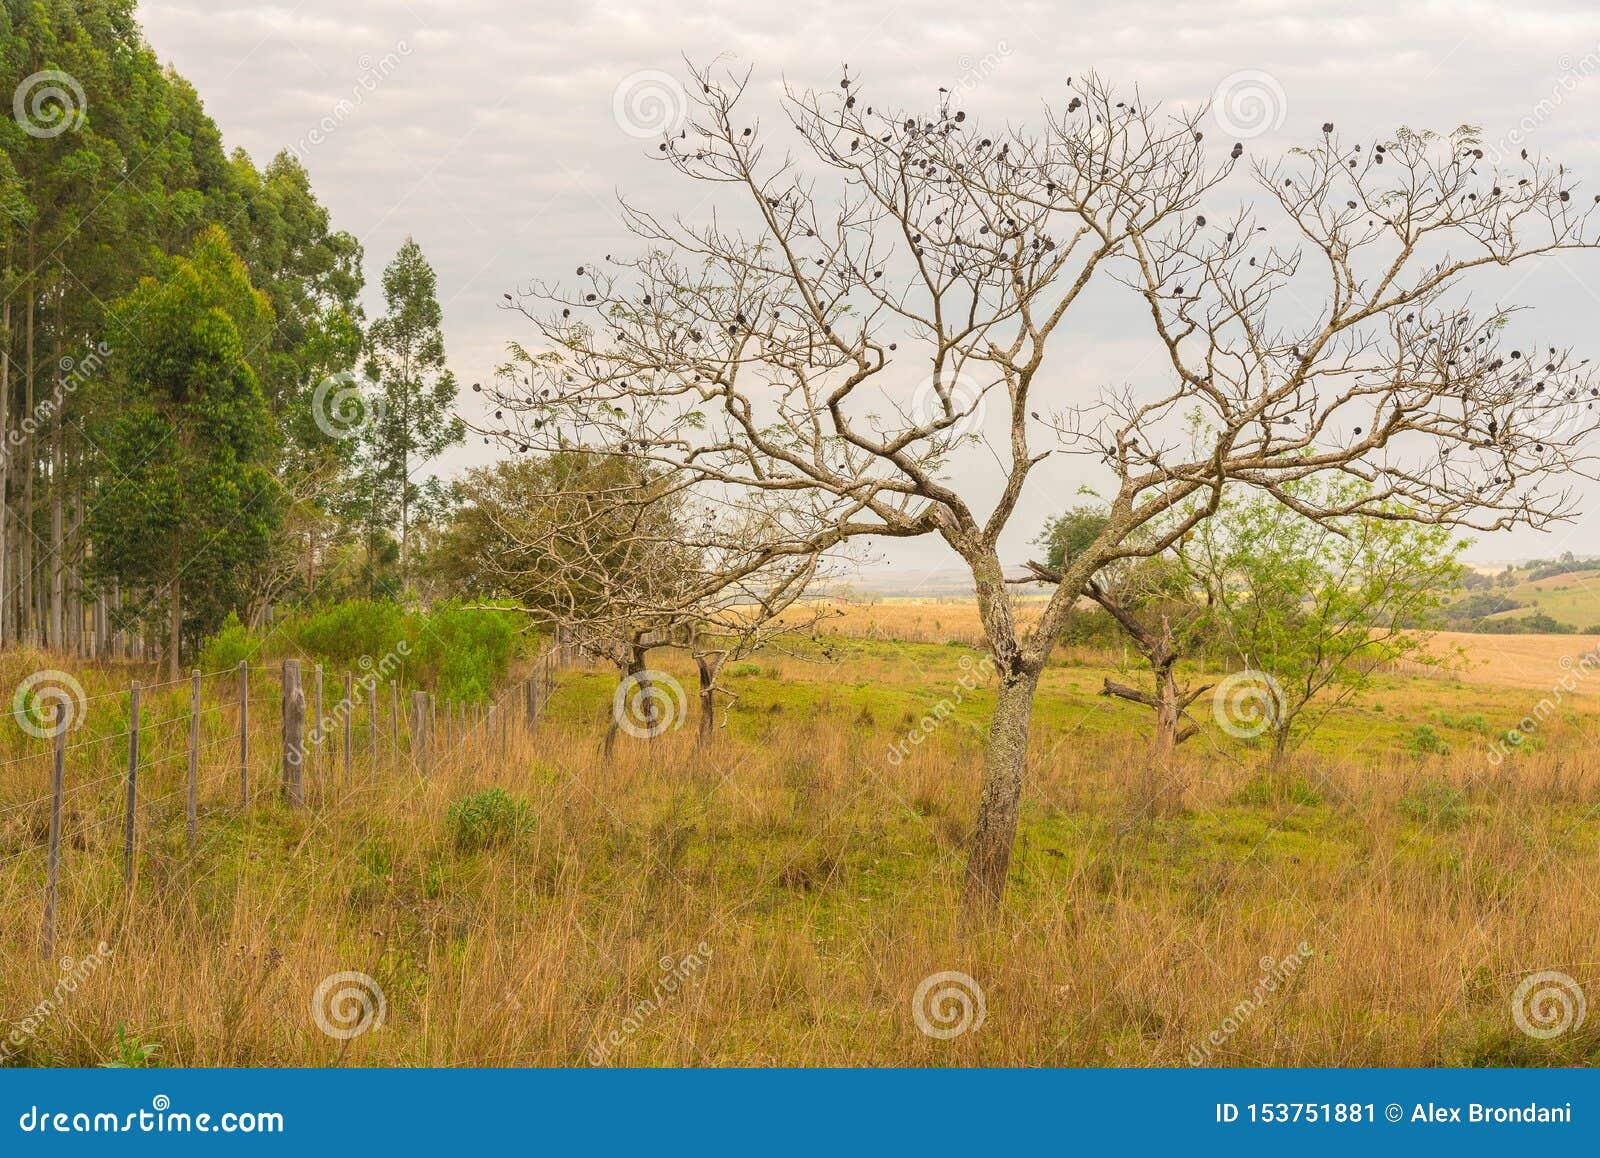 De boom met zijn donkere vruchten jpg